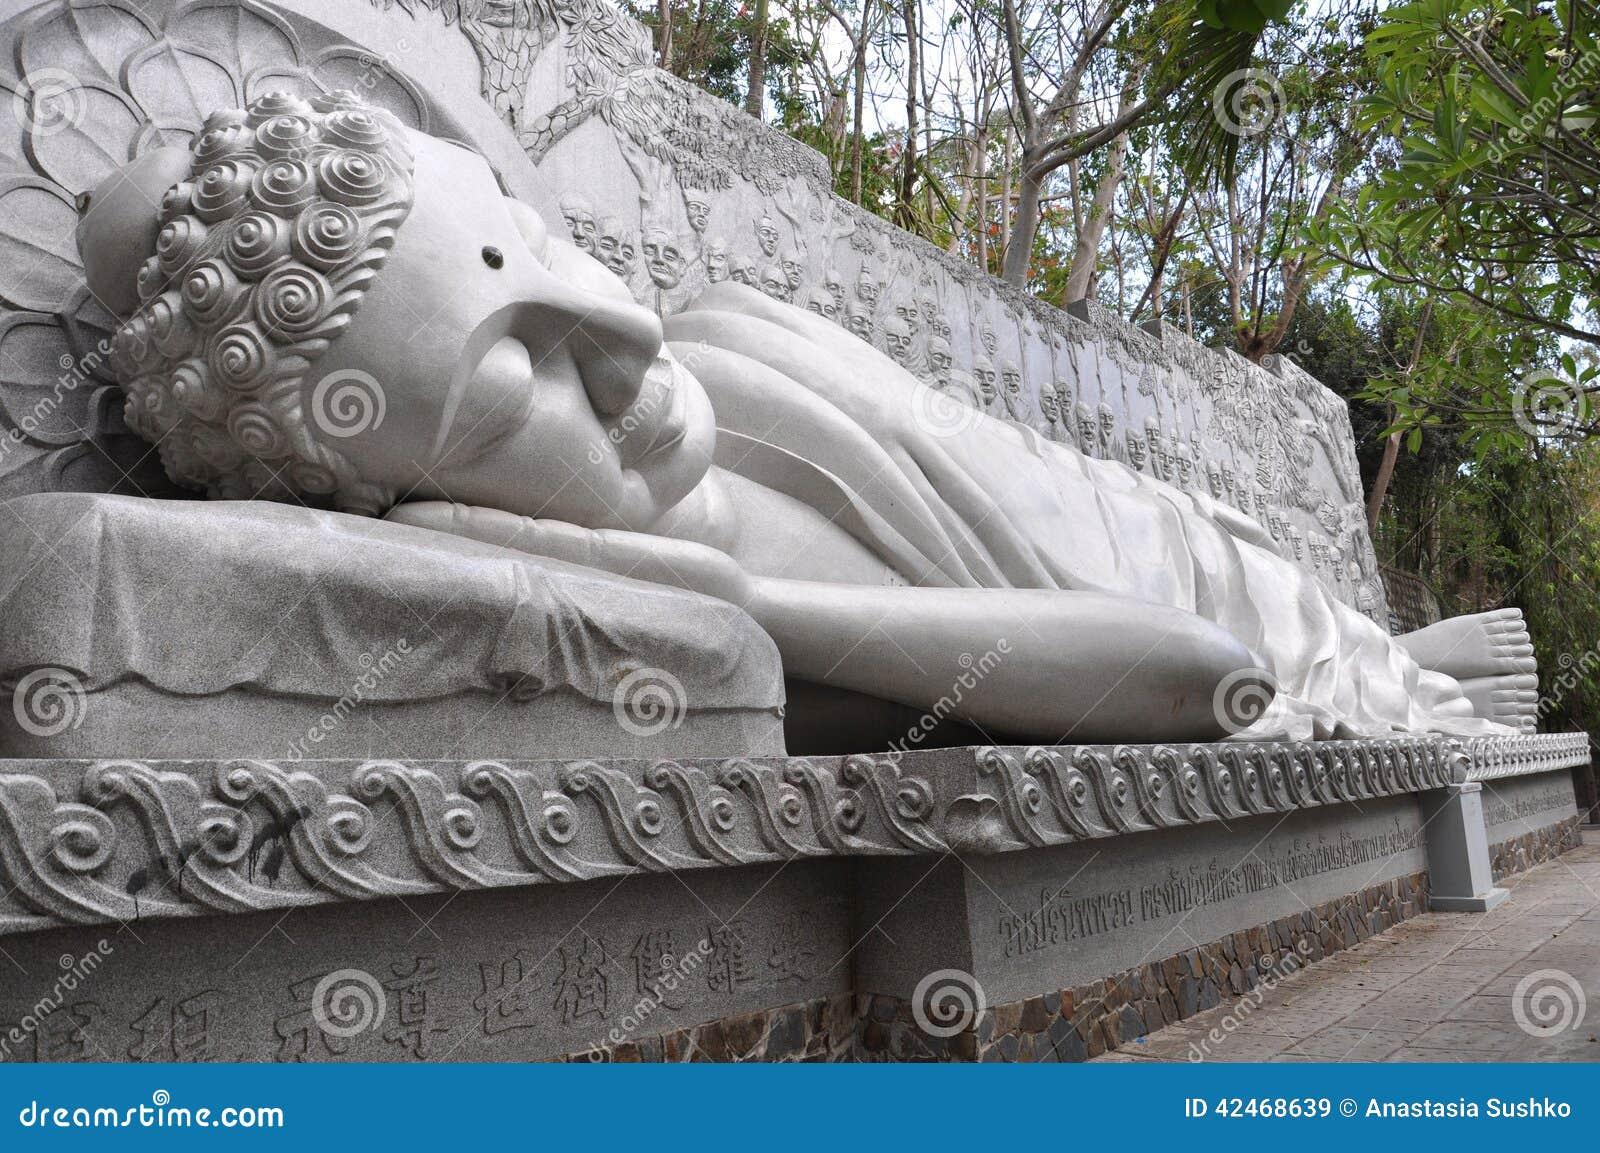 Sleeping Buddha at the Long Son Pagoda in Nha Trang